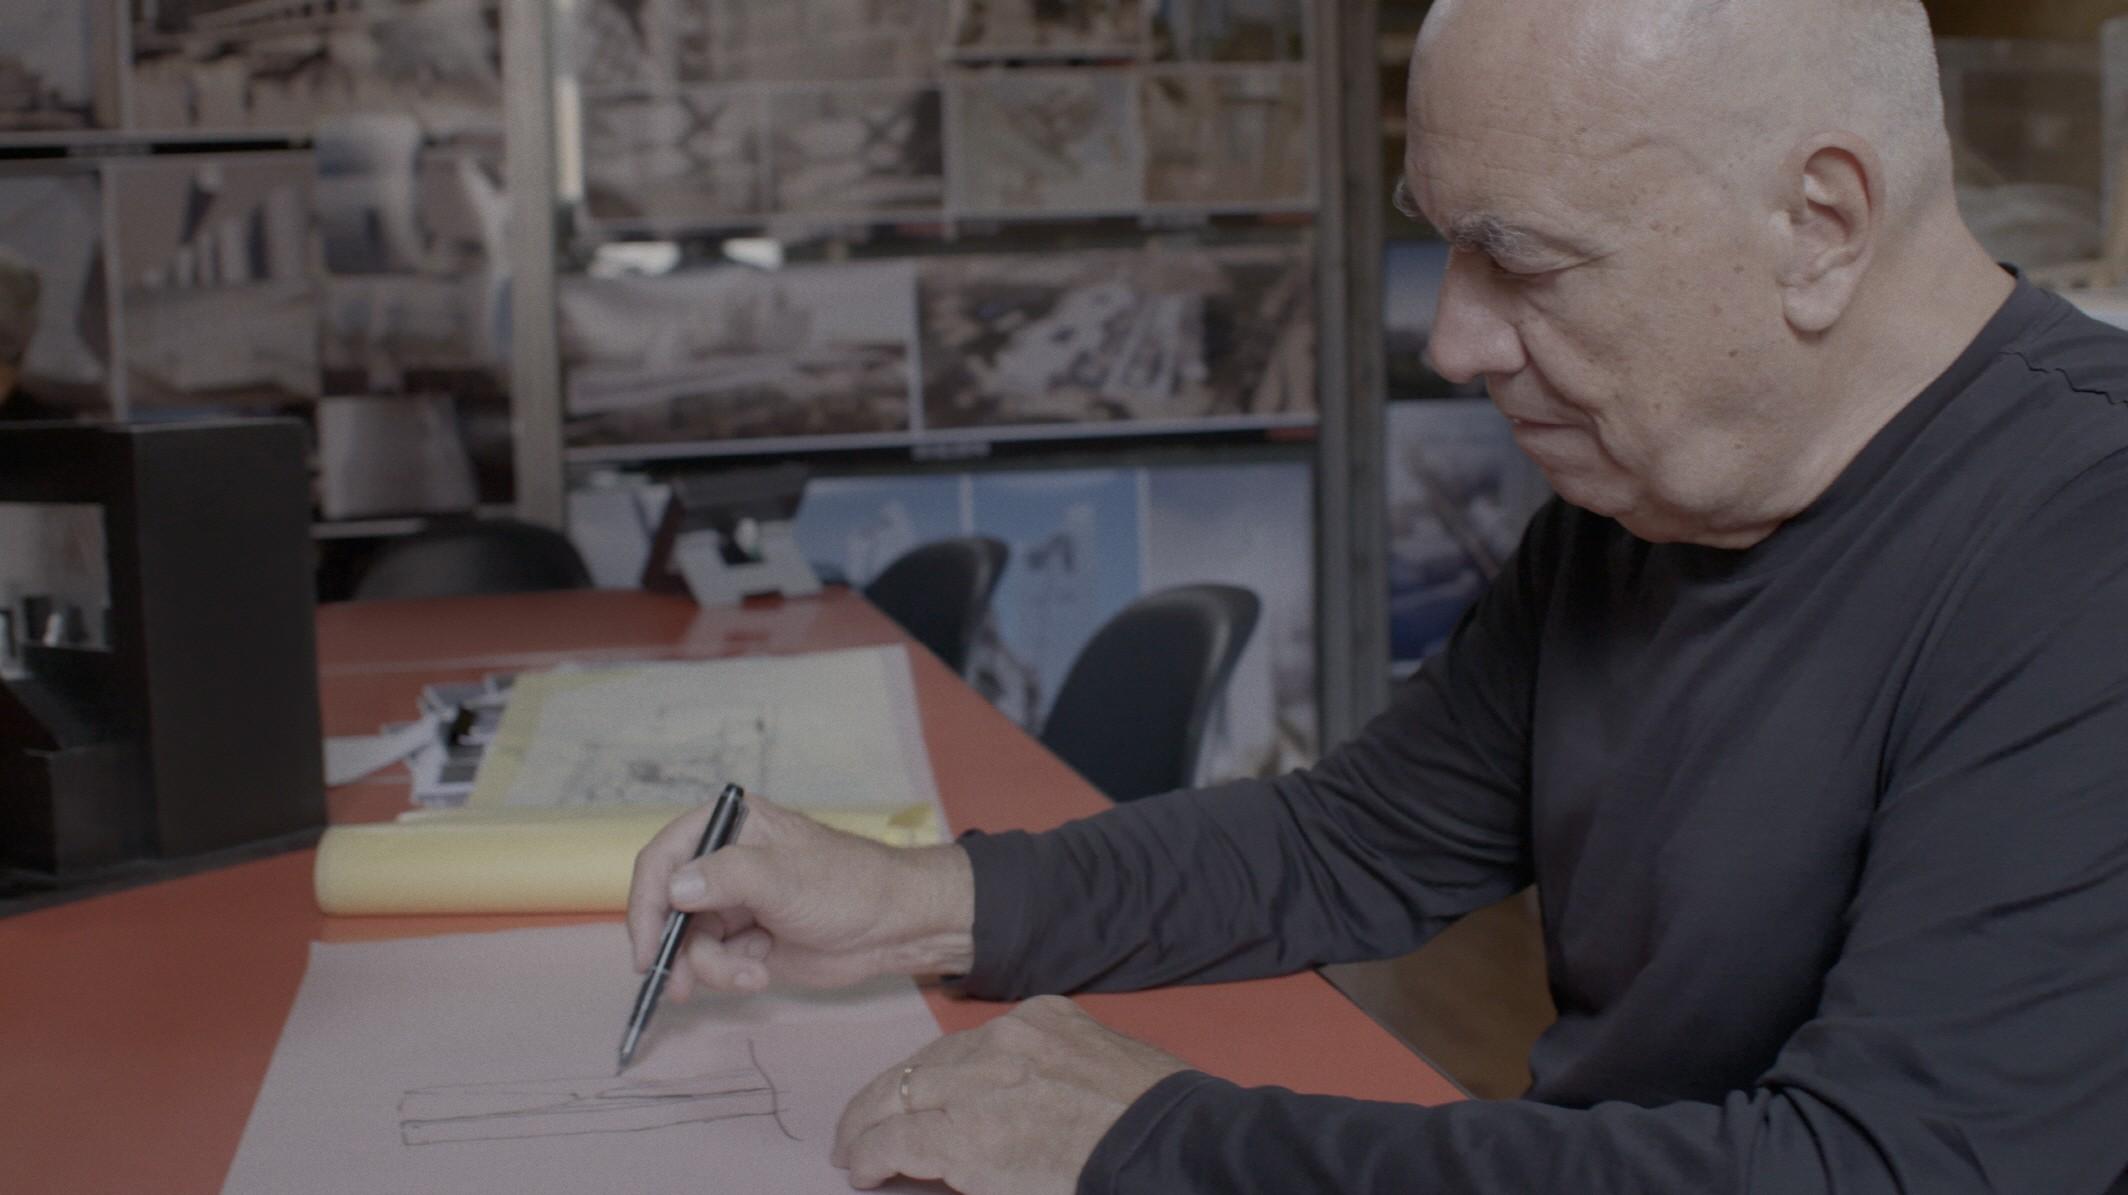 Massimiliano Fuksas designs a floor plan.